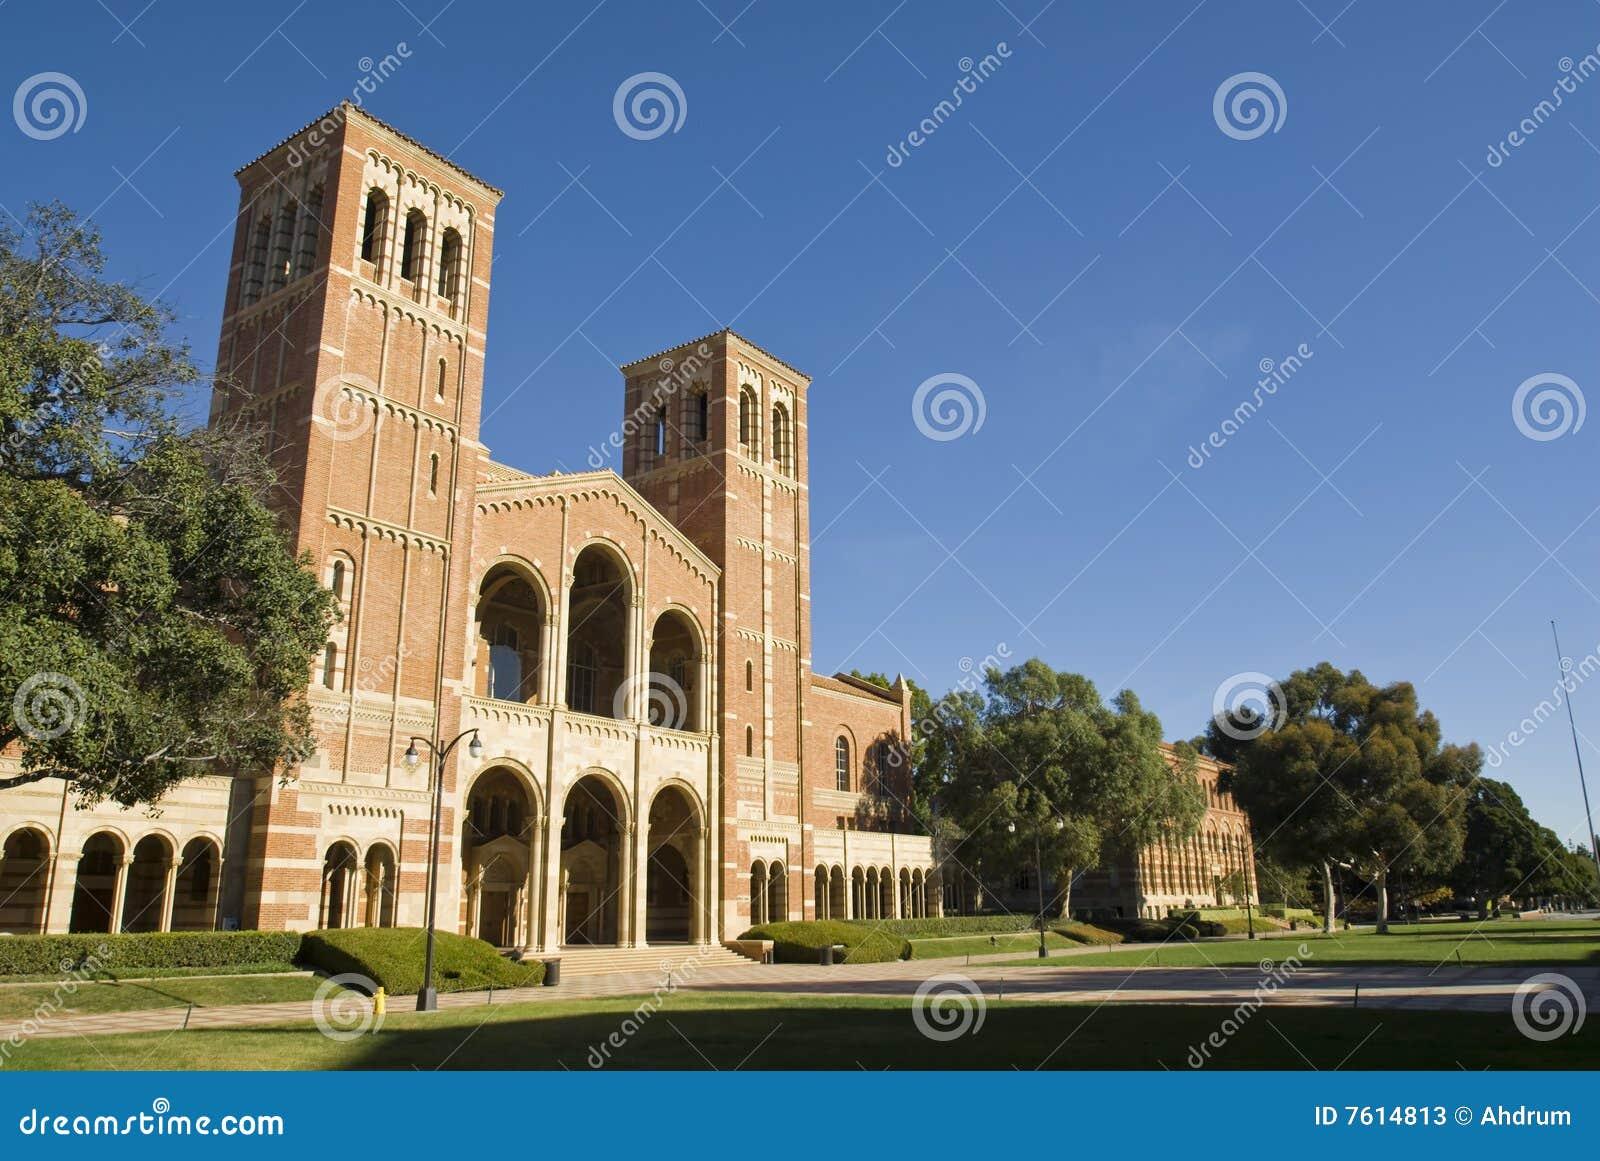 校园加州大学洛杉矶分校